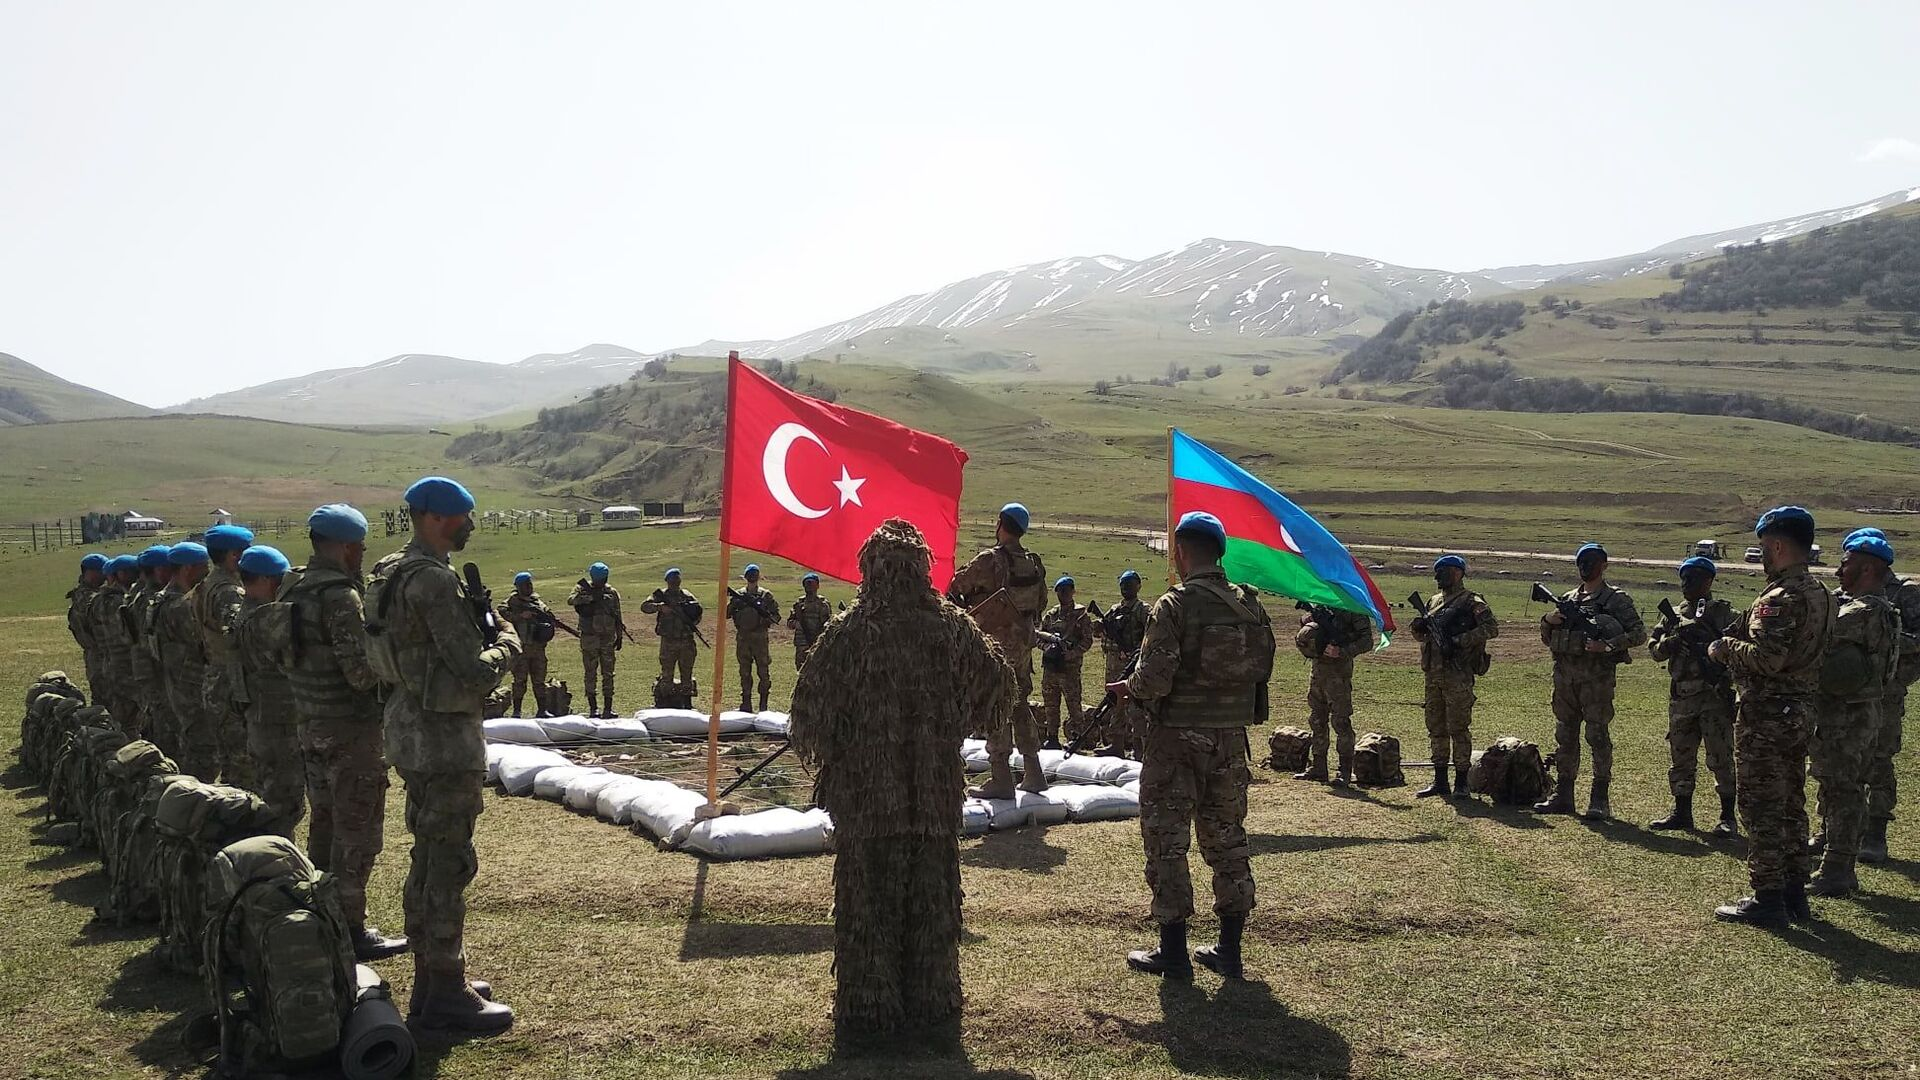 Совместные тактические учения Турции и Азербайджана - Sputnik Армения, 1920, 16.09.2021